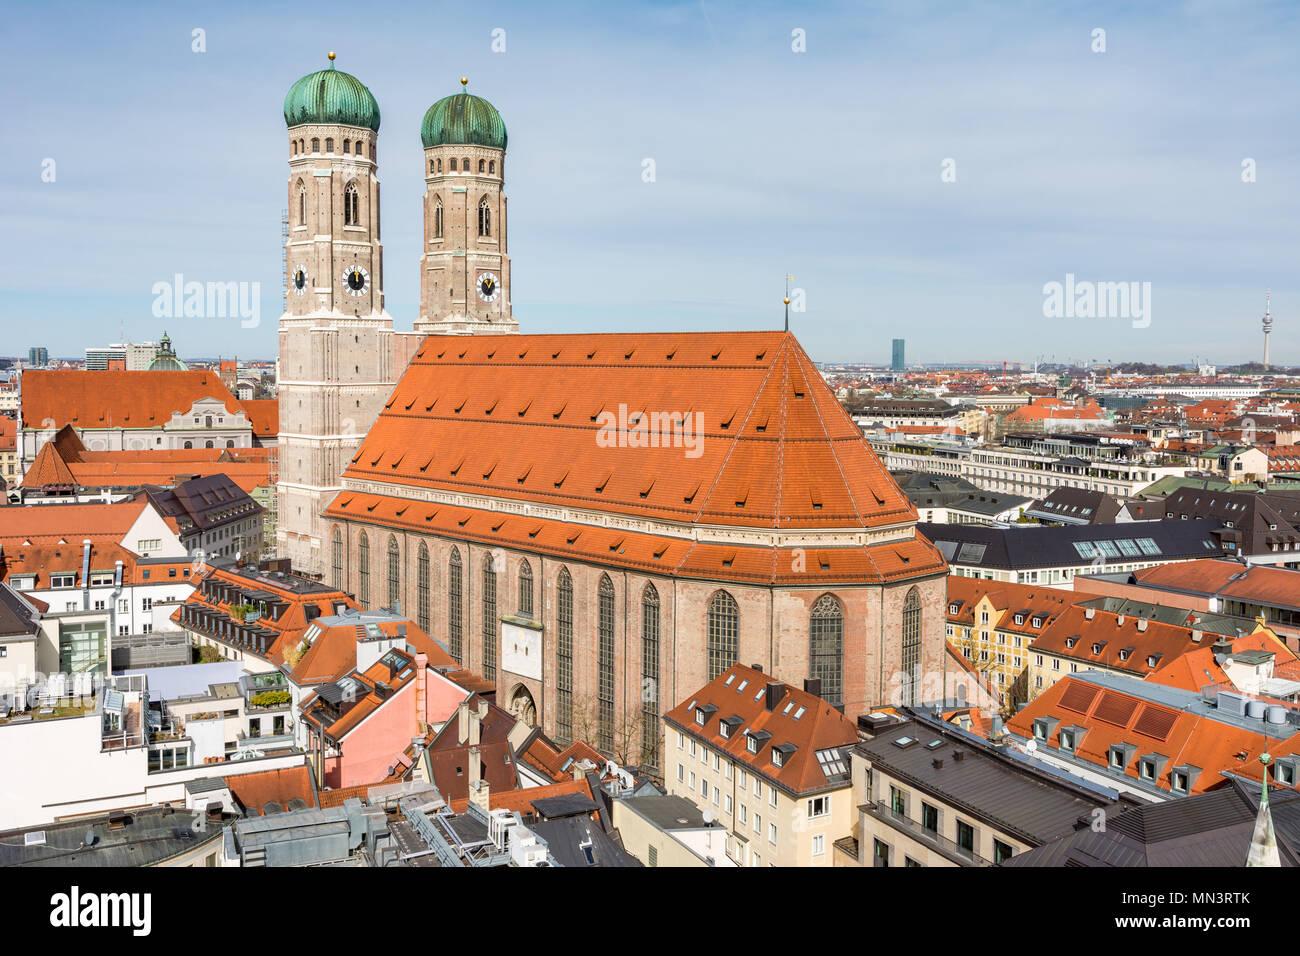 Veduta aerea della città di Monaco di Baviera, Germania) Immagini Stock